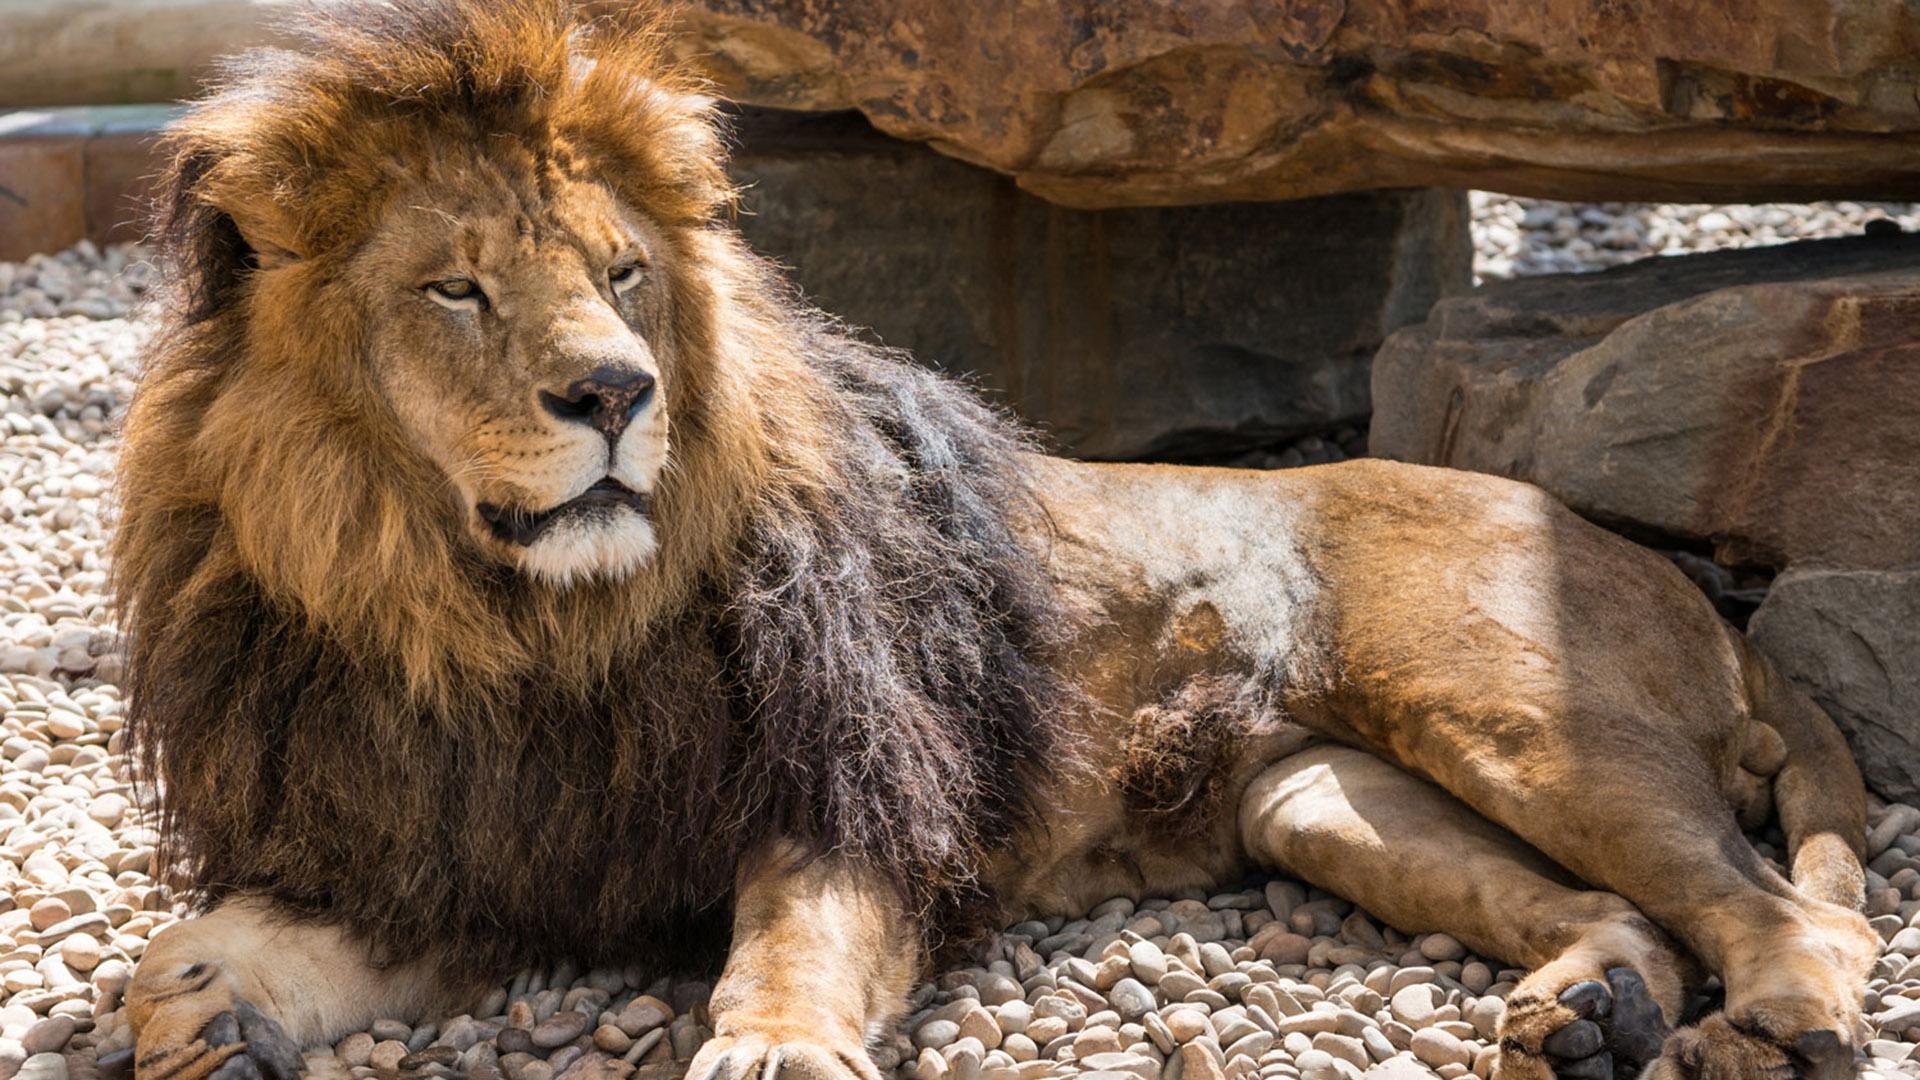 African lion at Lake Tobias Wildlife Park